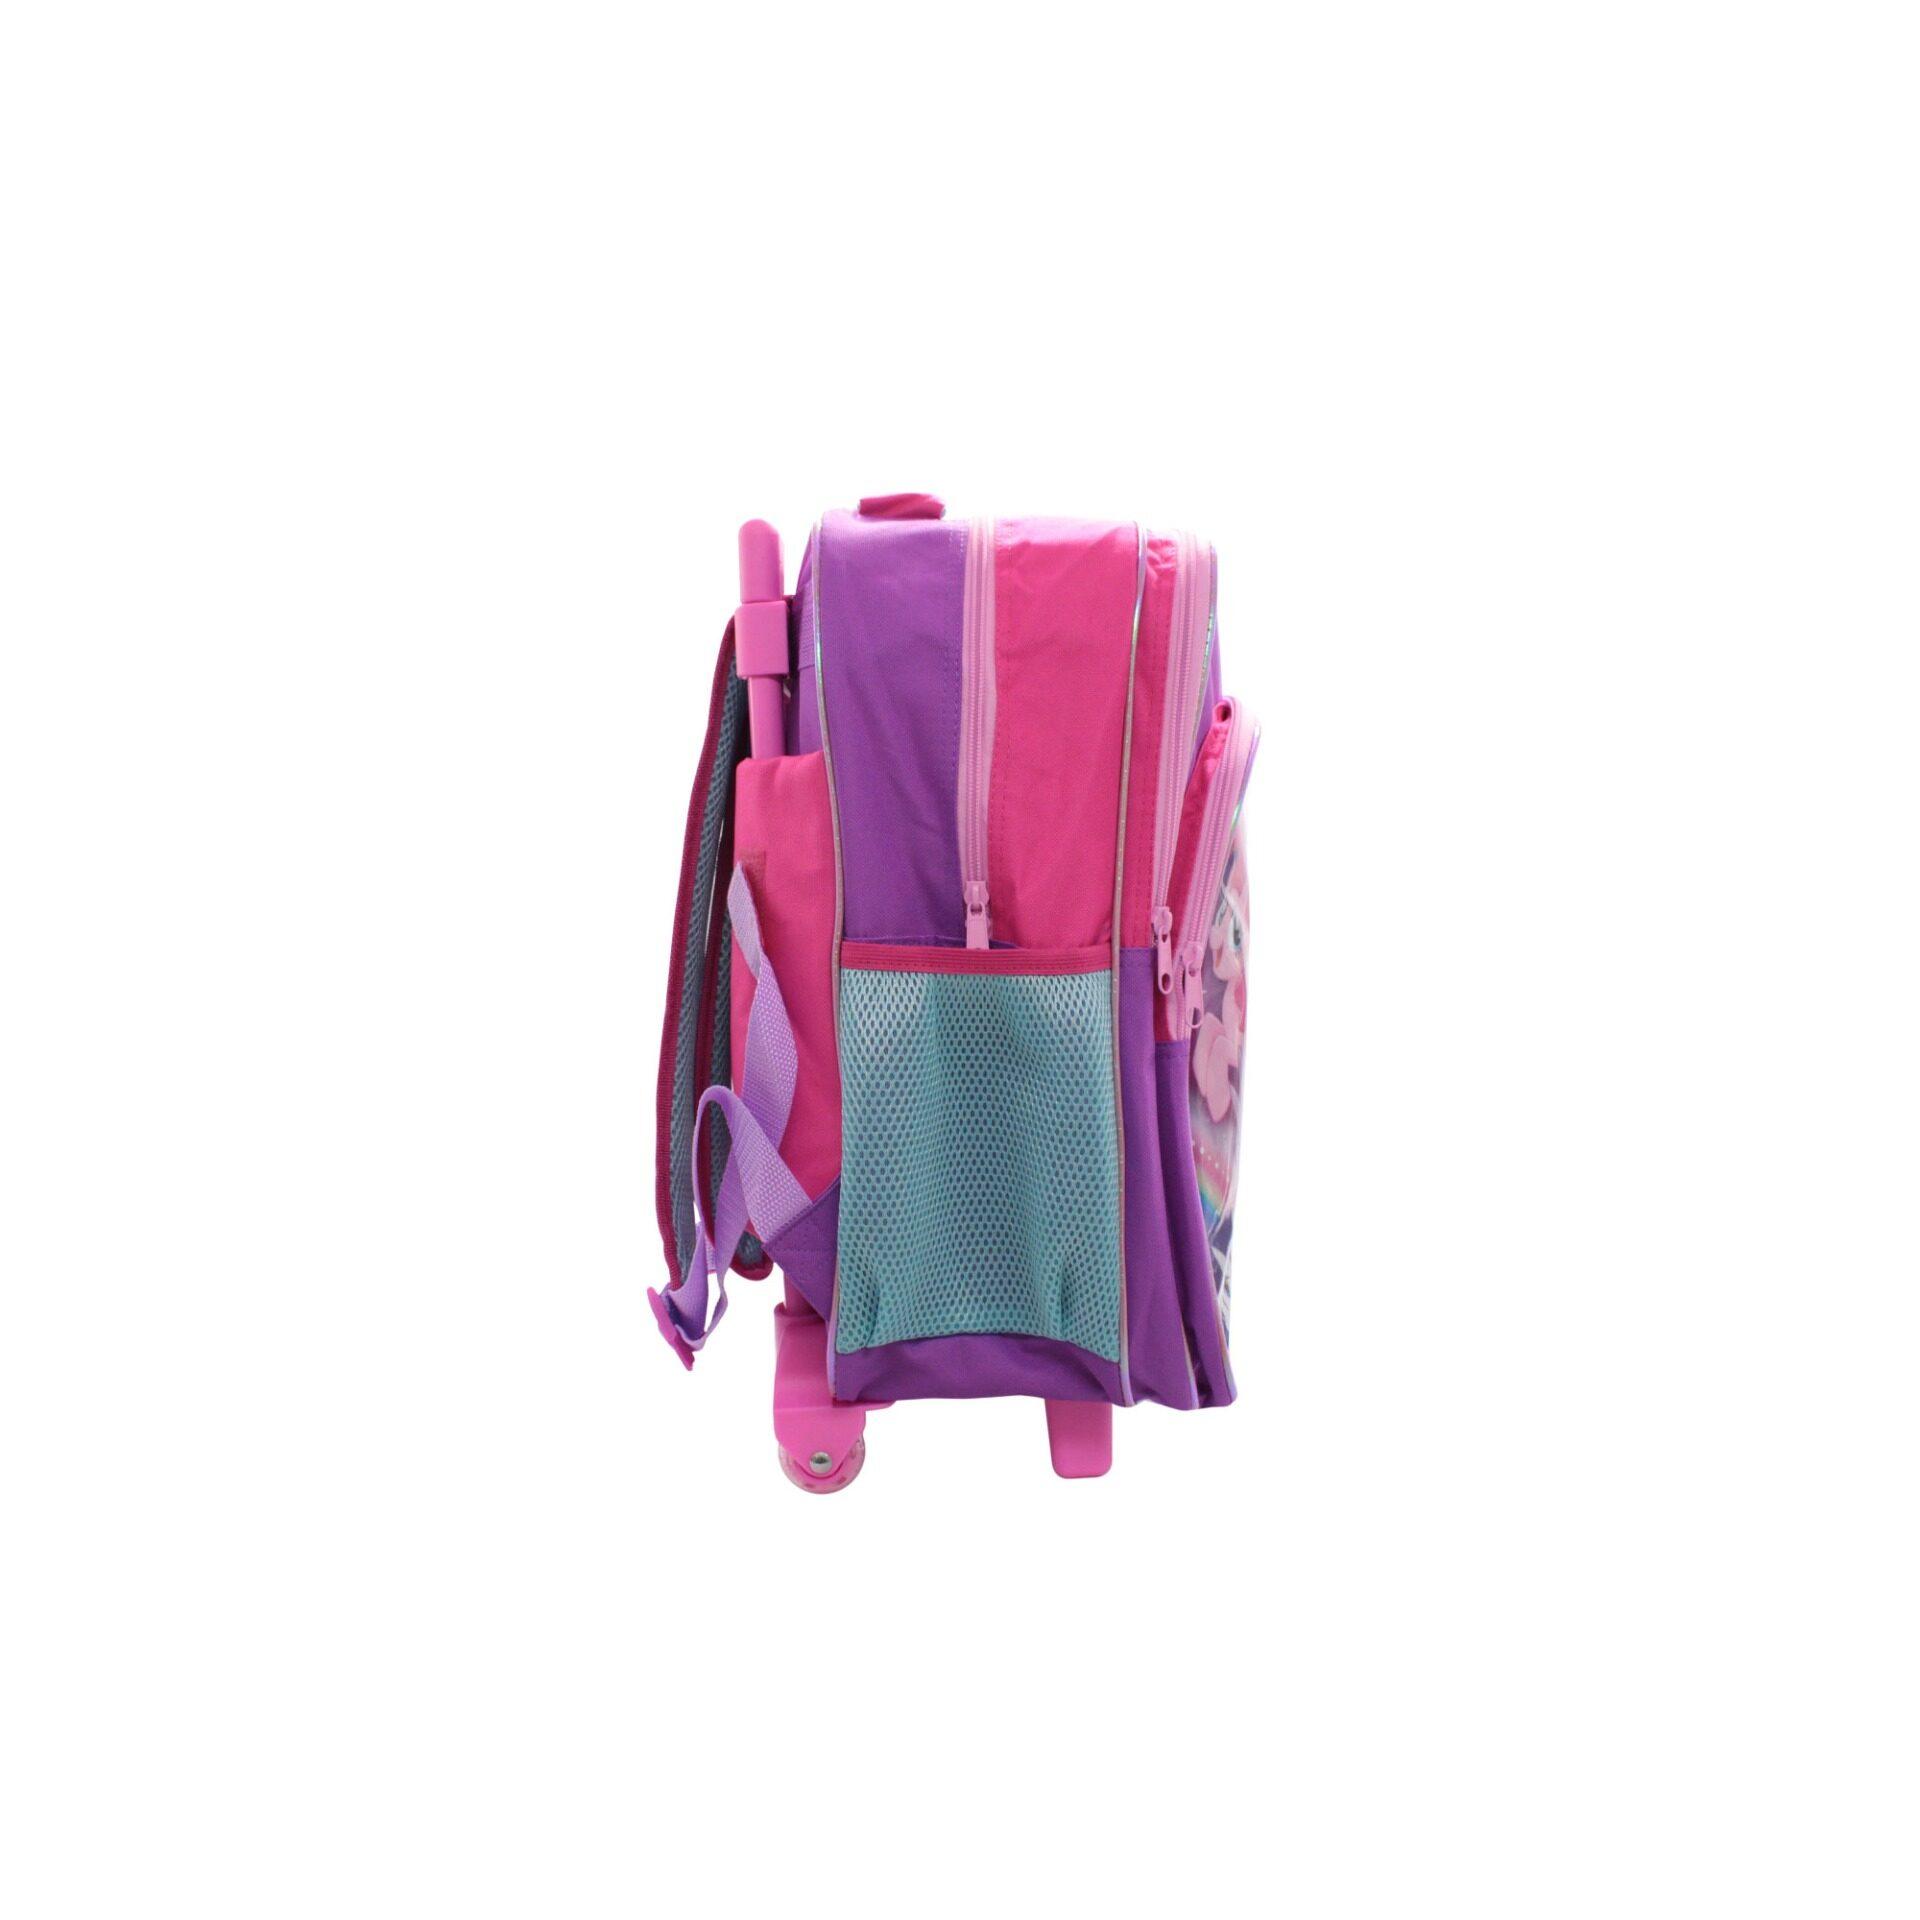 My Little Pony Twilight Sparkle & Friends Kids Girls Pre School Trolley Bag With 2 Wheels & Handle (Purple)